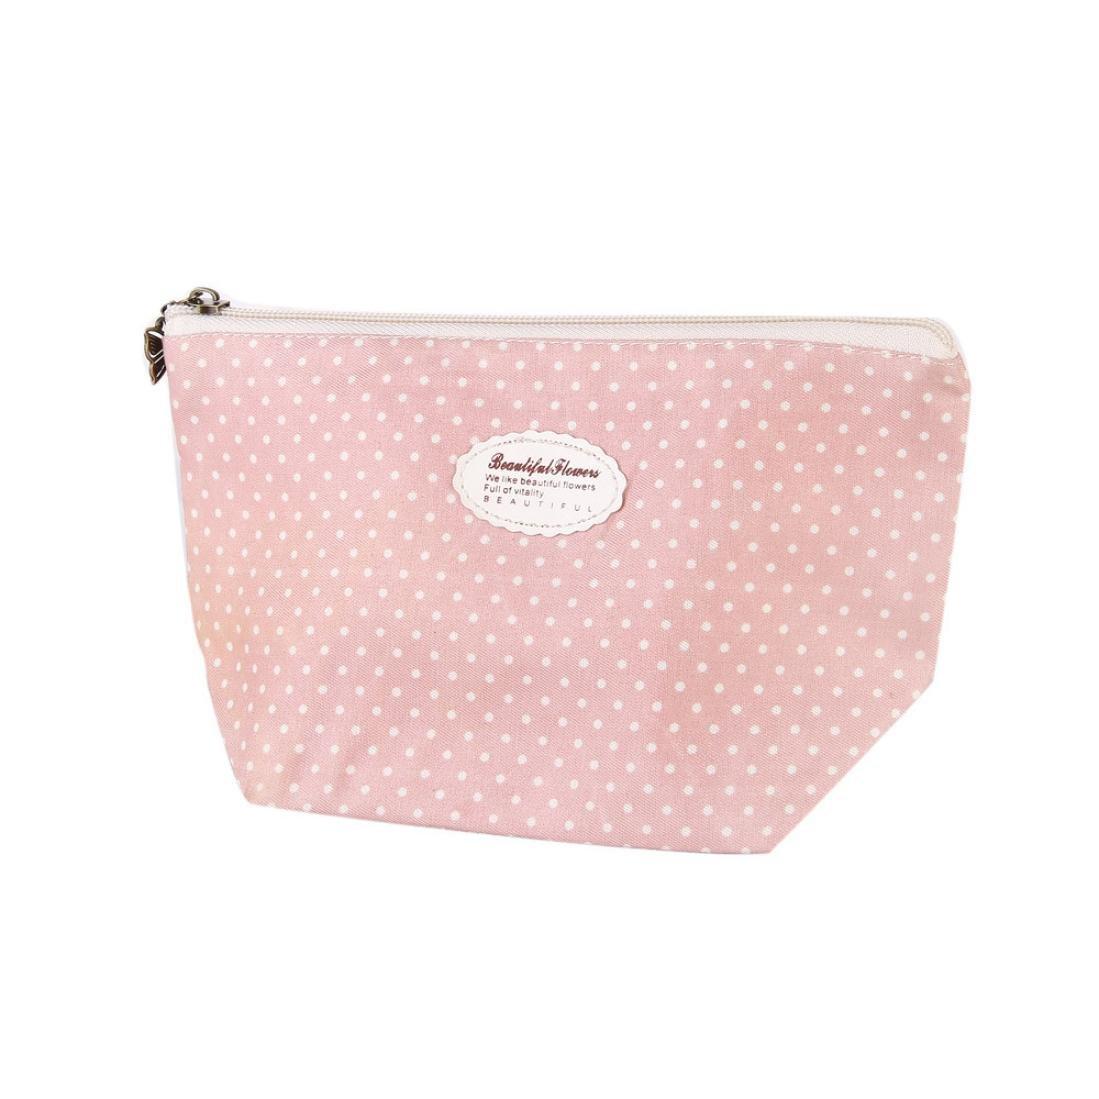 フローラルコスメティックバッグ、beautyvanファッションポータブルトラベルコスメティックバッグメイクアップケースポーチToiletry Washオーガナイザー 22.5*8.5*13cm ベージュ 3256 B0794MZTWC D~pink